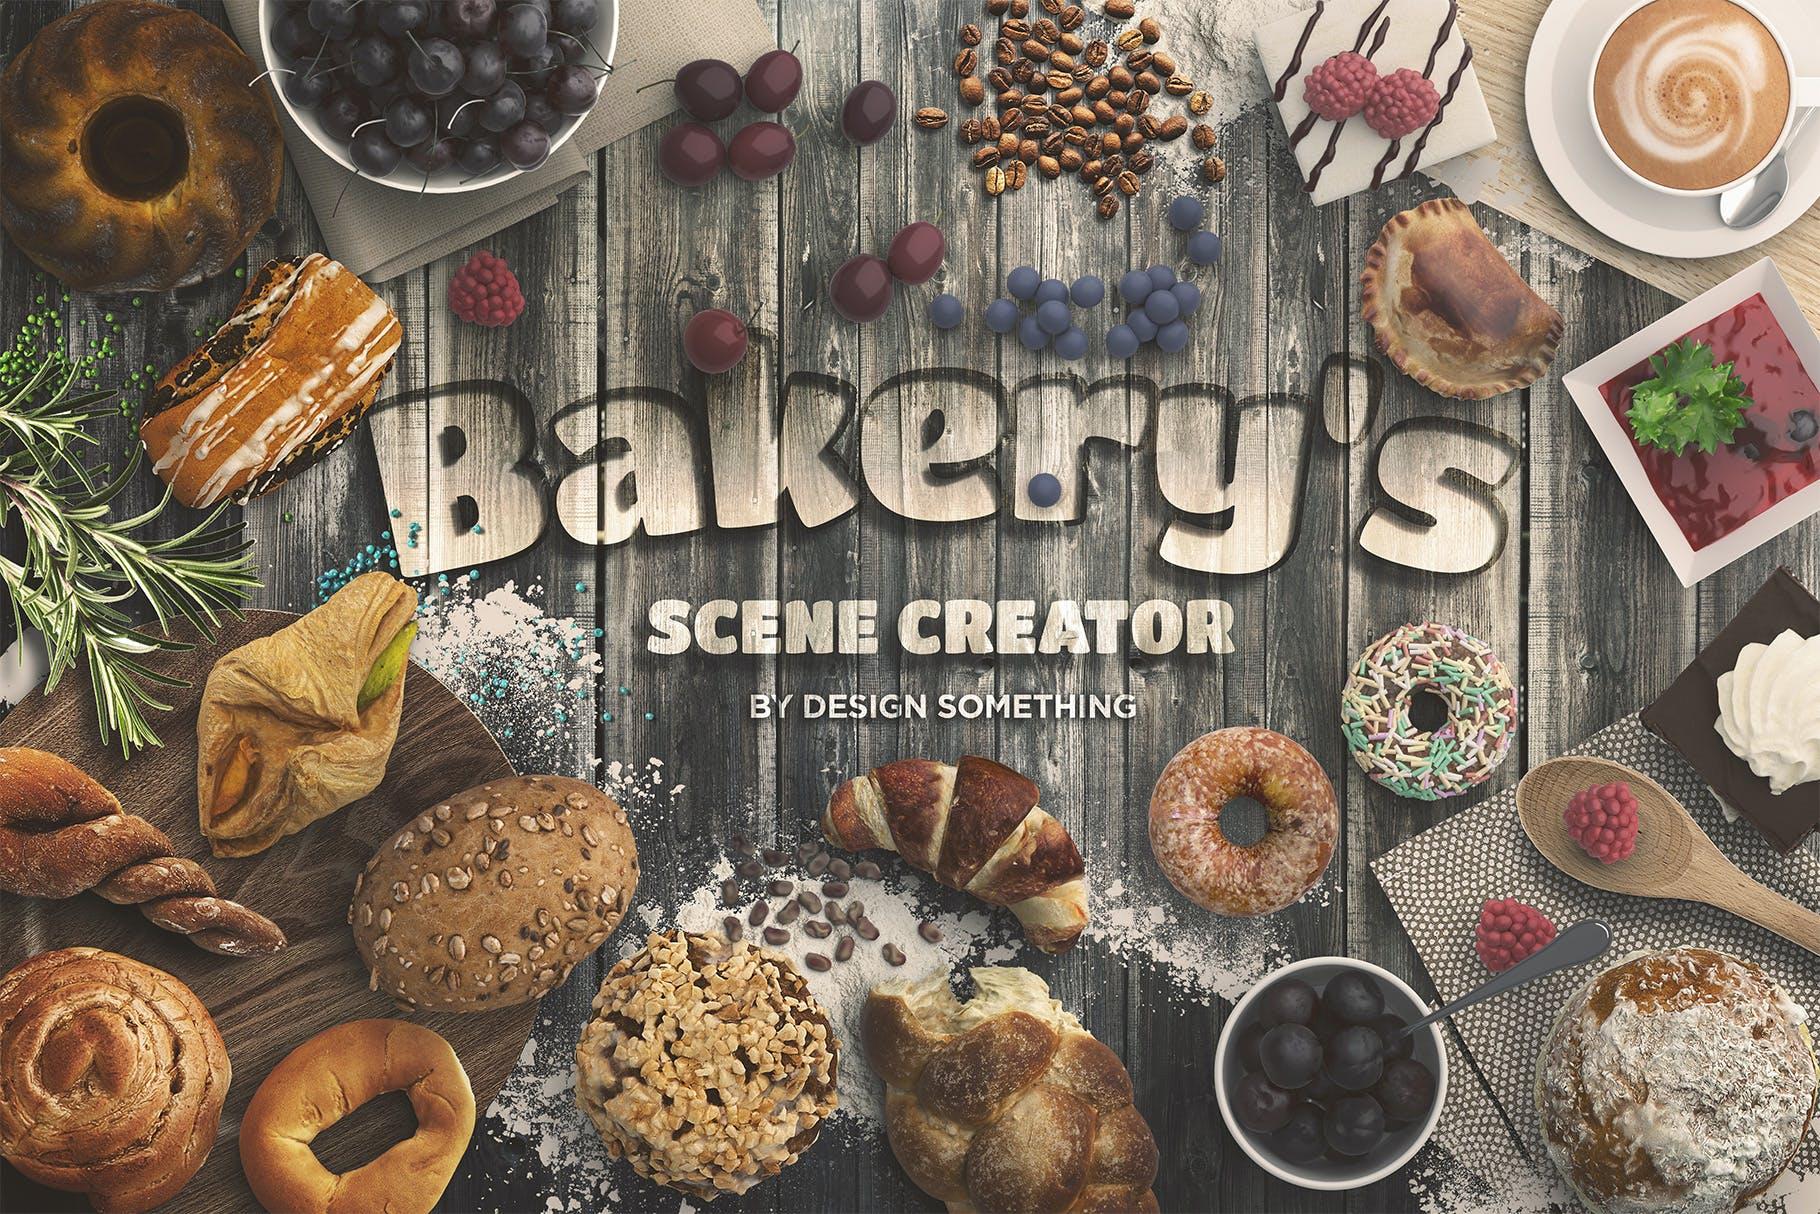 顶视图烘培面包店场景文字设计样机素材 Bakery Scene Creator Top View插图